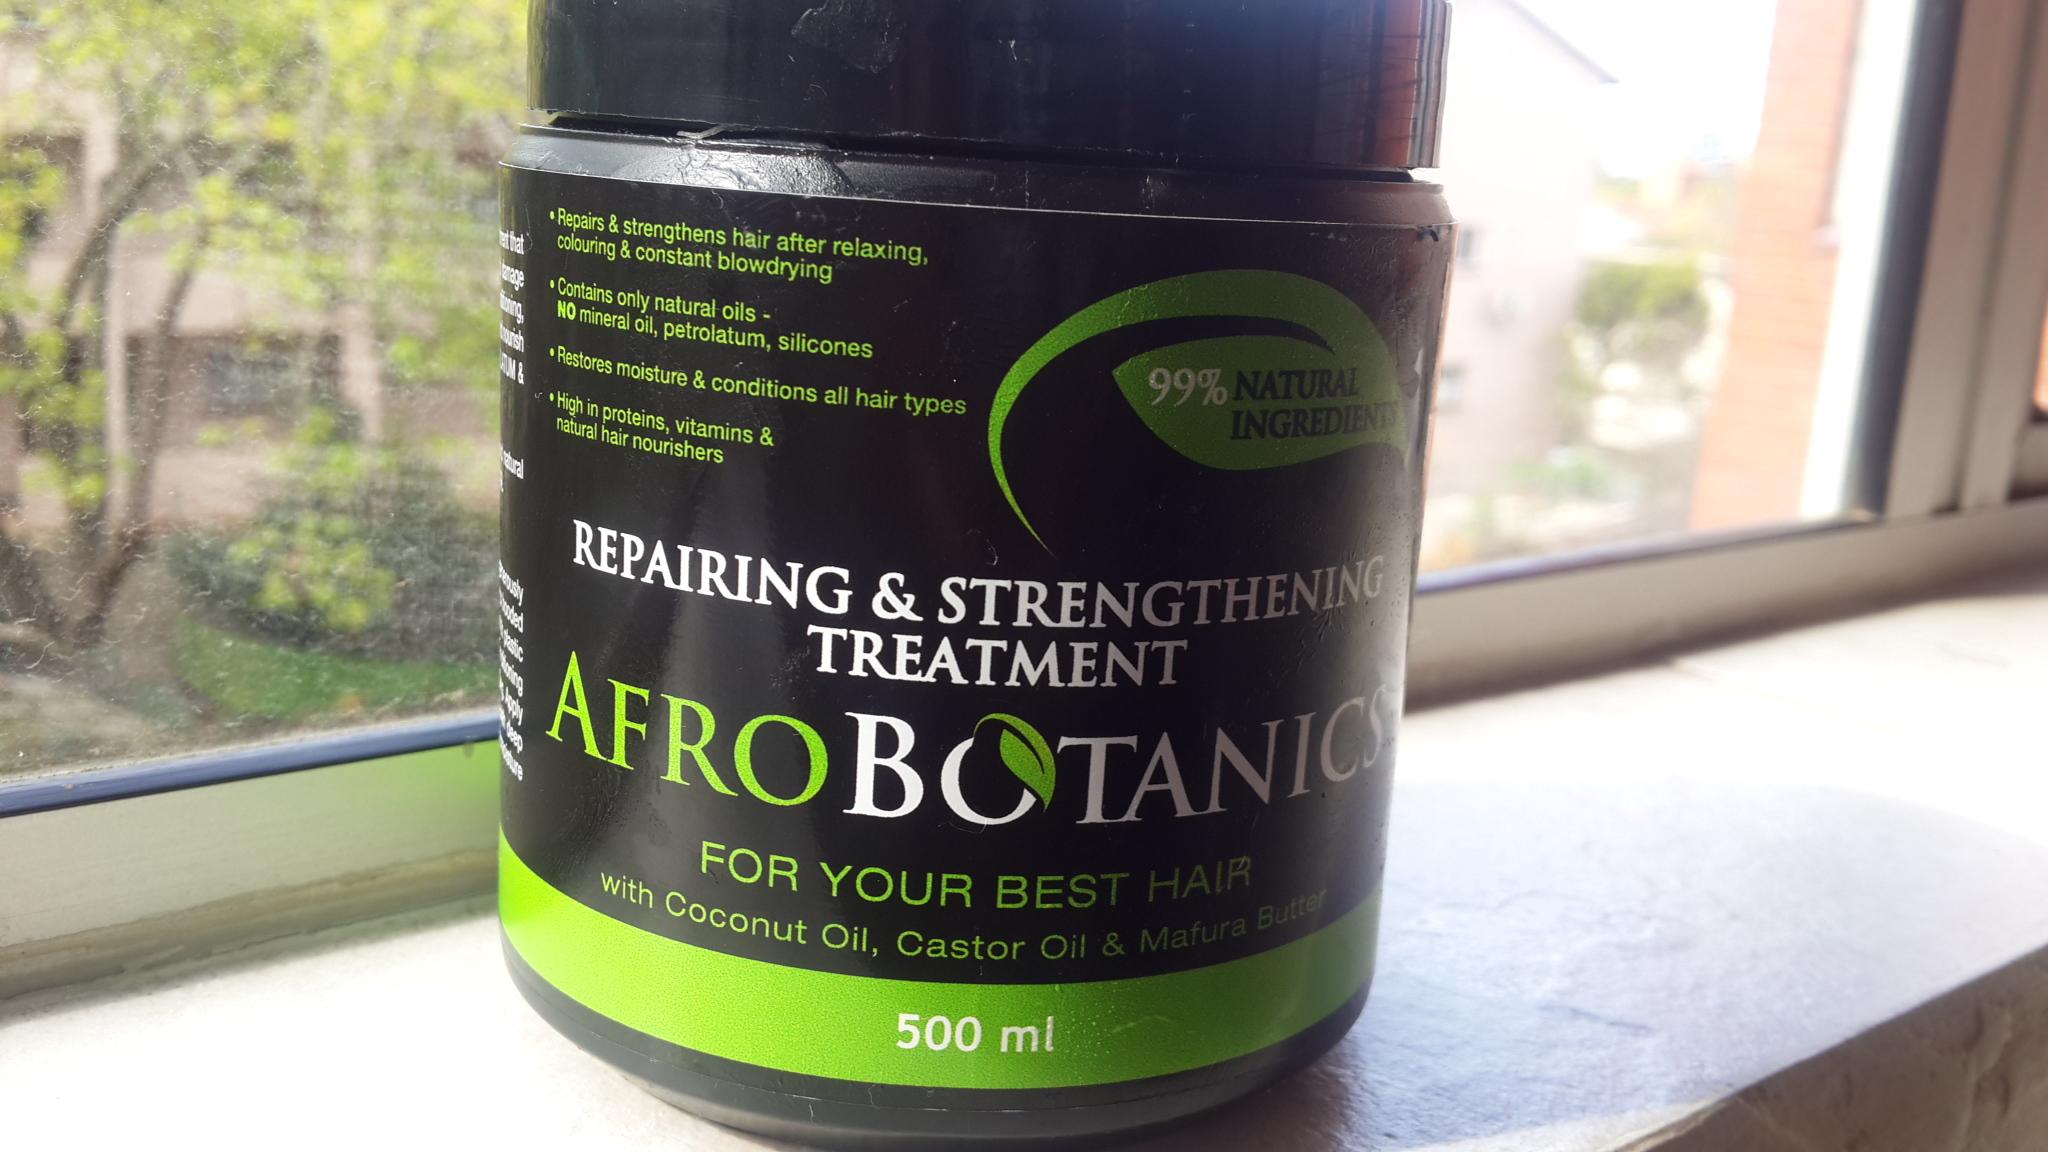 Botanics Repairing and Strengthening Treatment